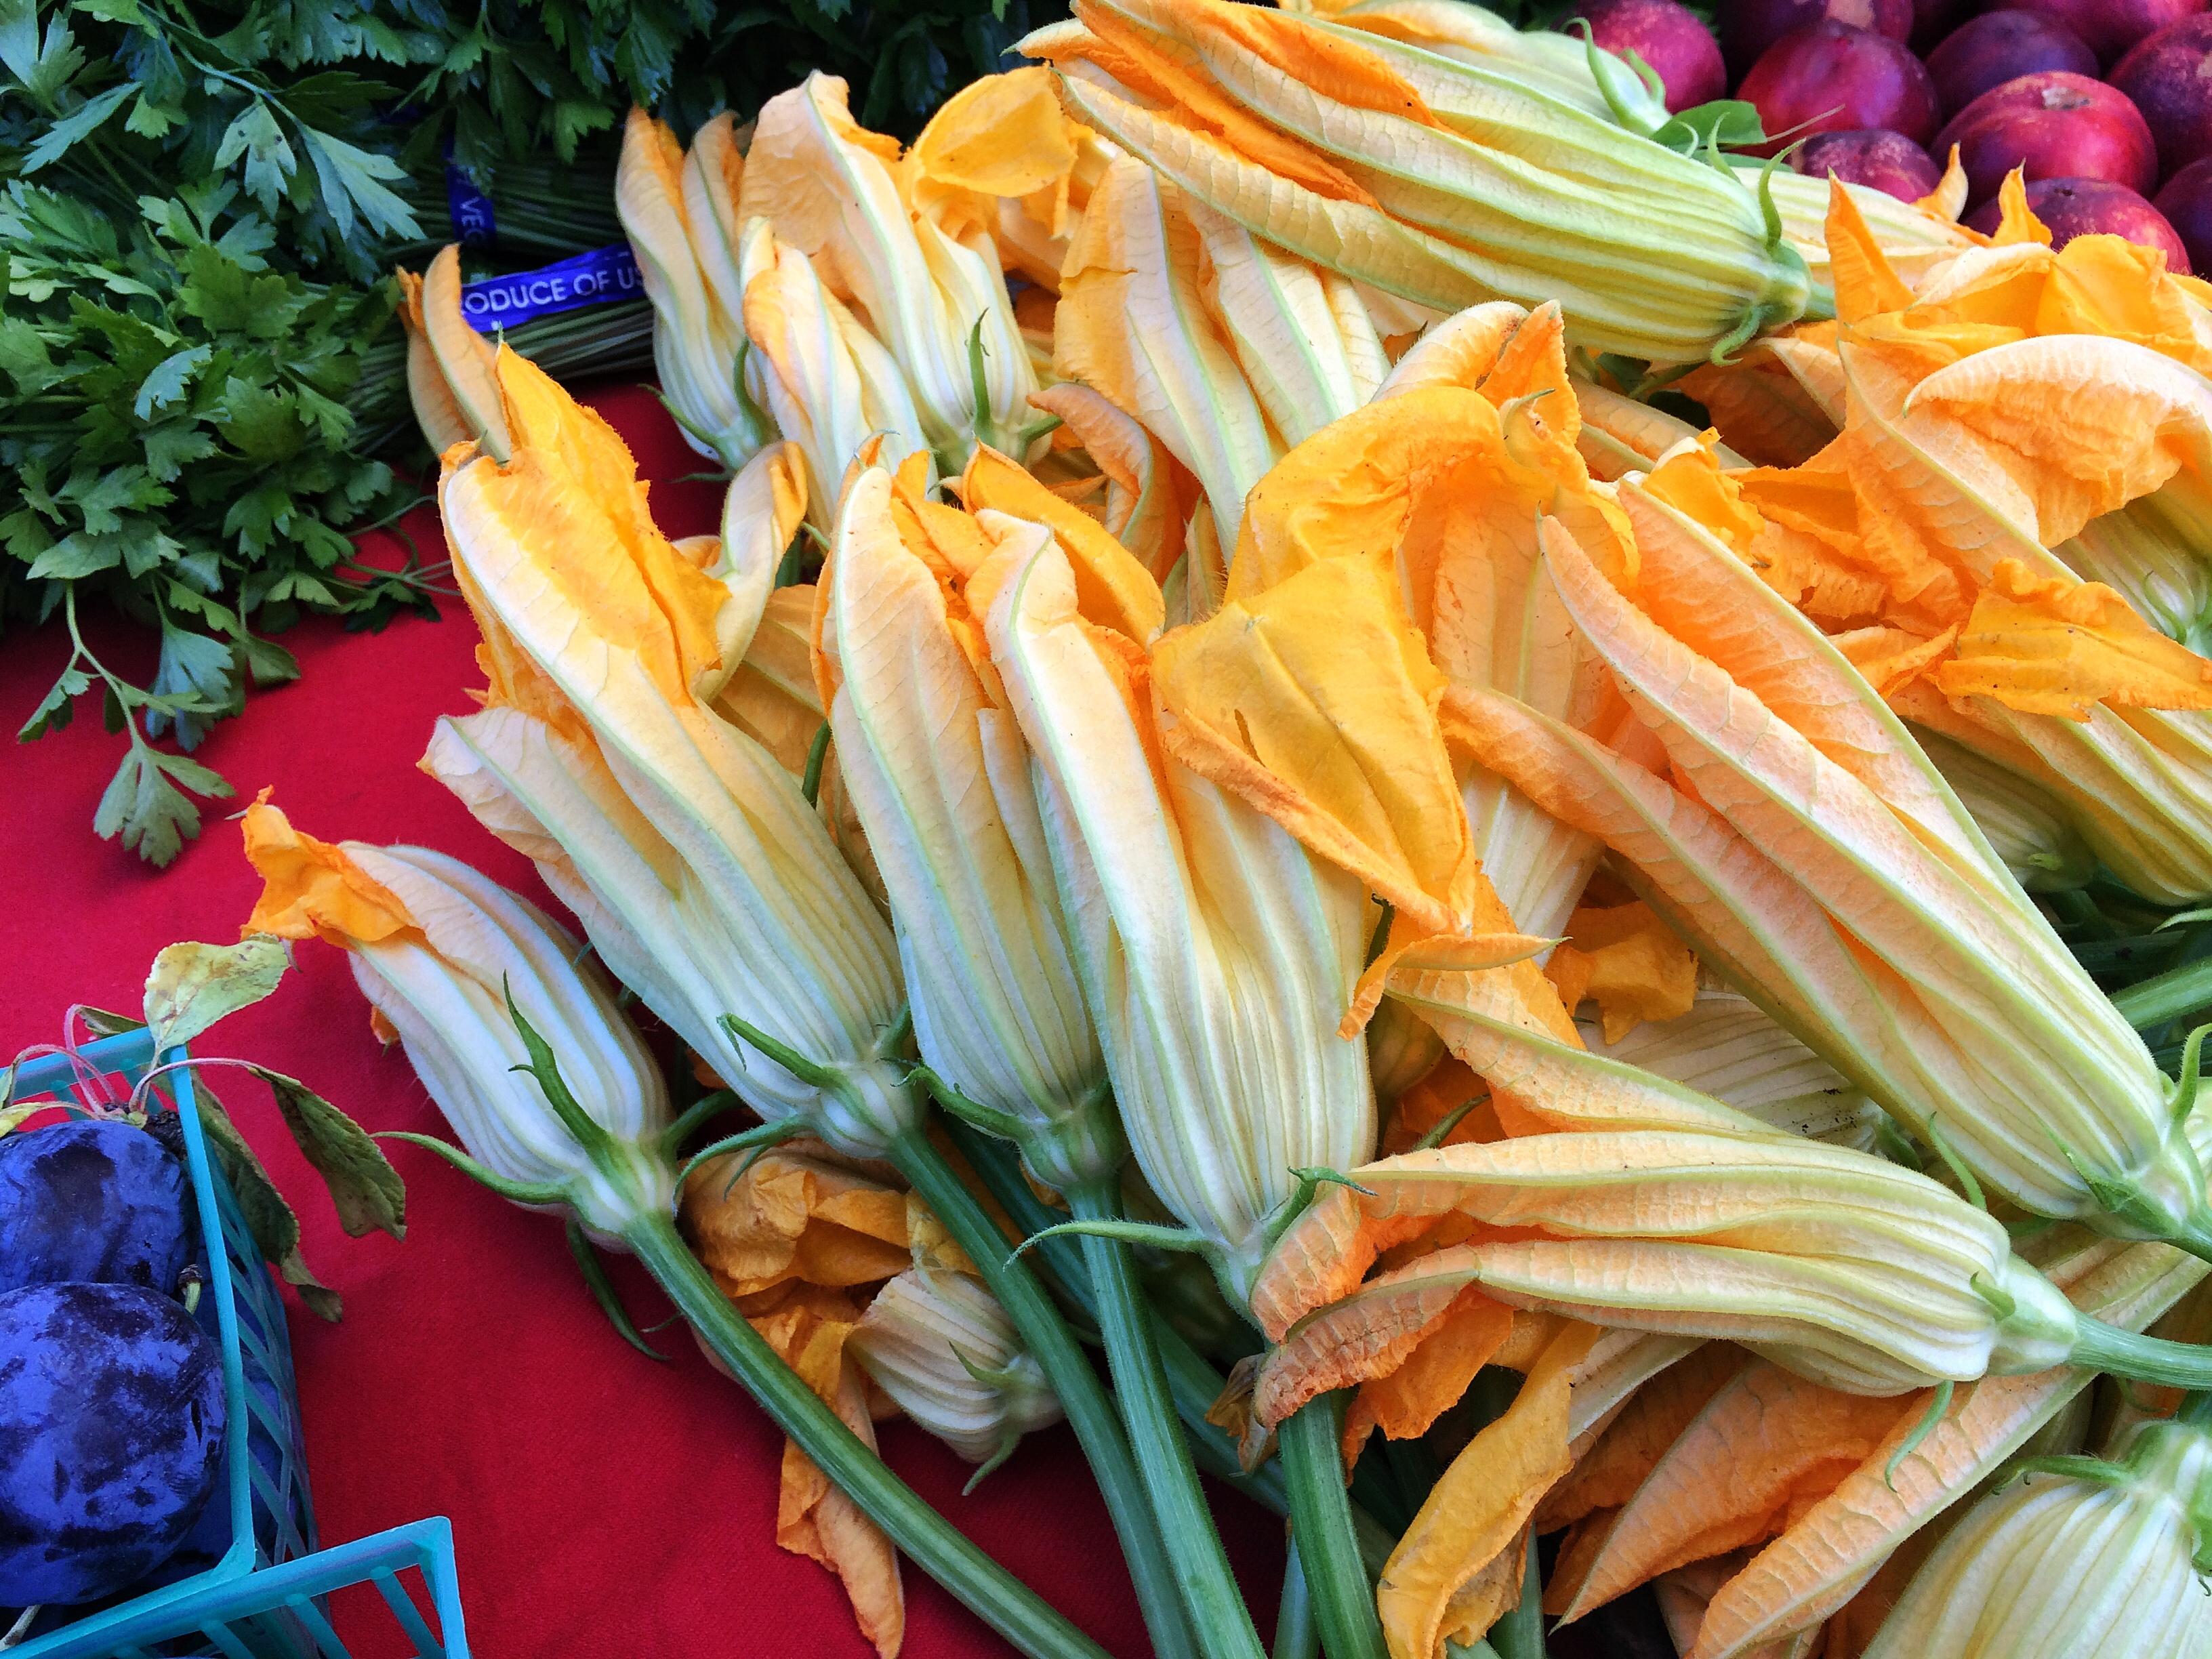 San Rafael's Thursday Farmers Market in July